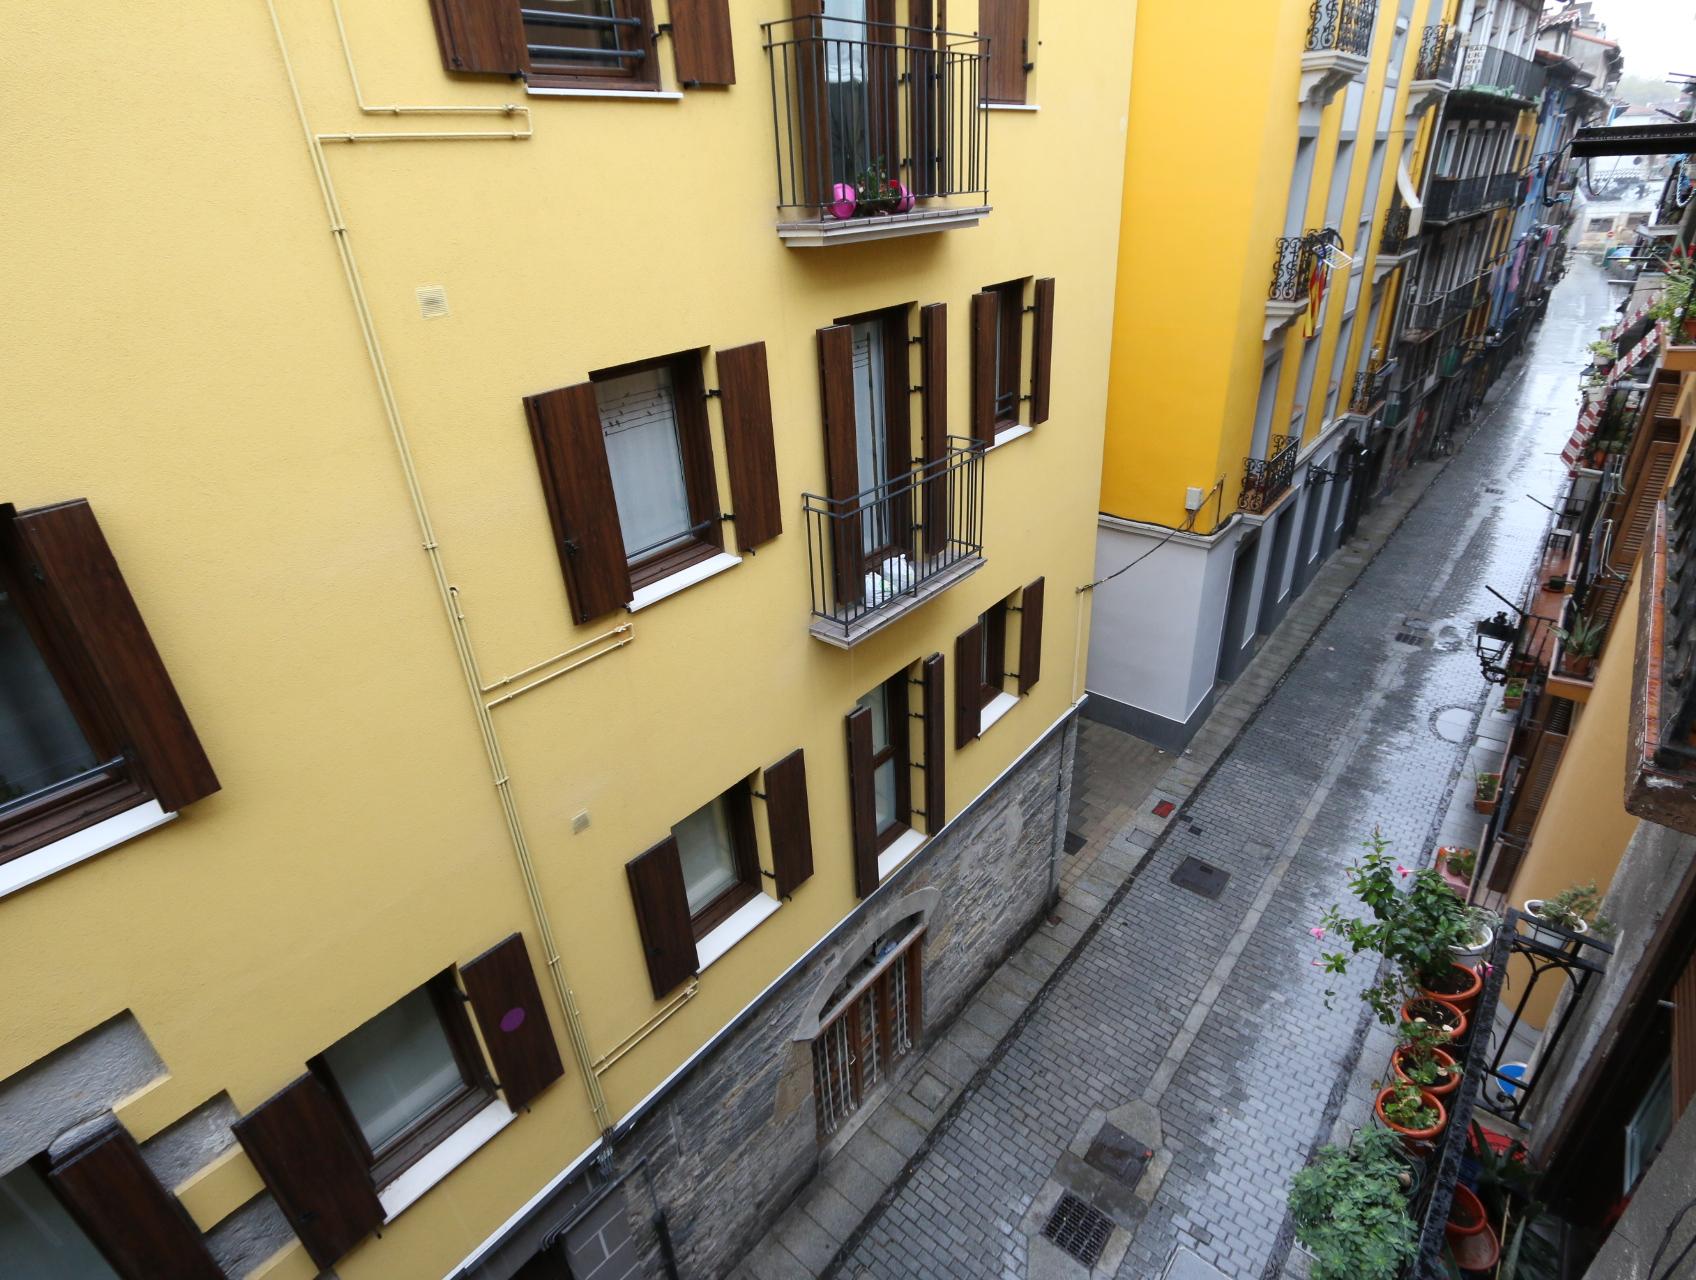 Piso en alquiler en Tolosa, Parte Vieja, Tolosaldea, Gipuzkoa.